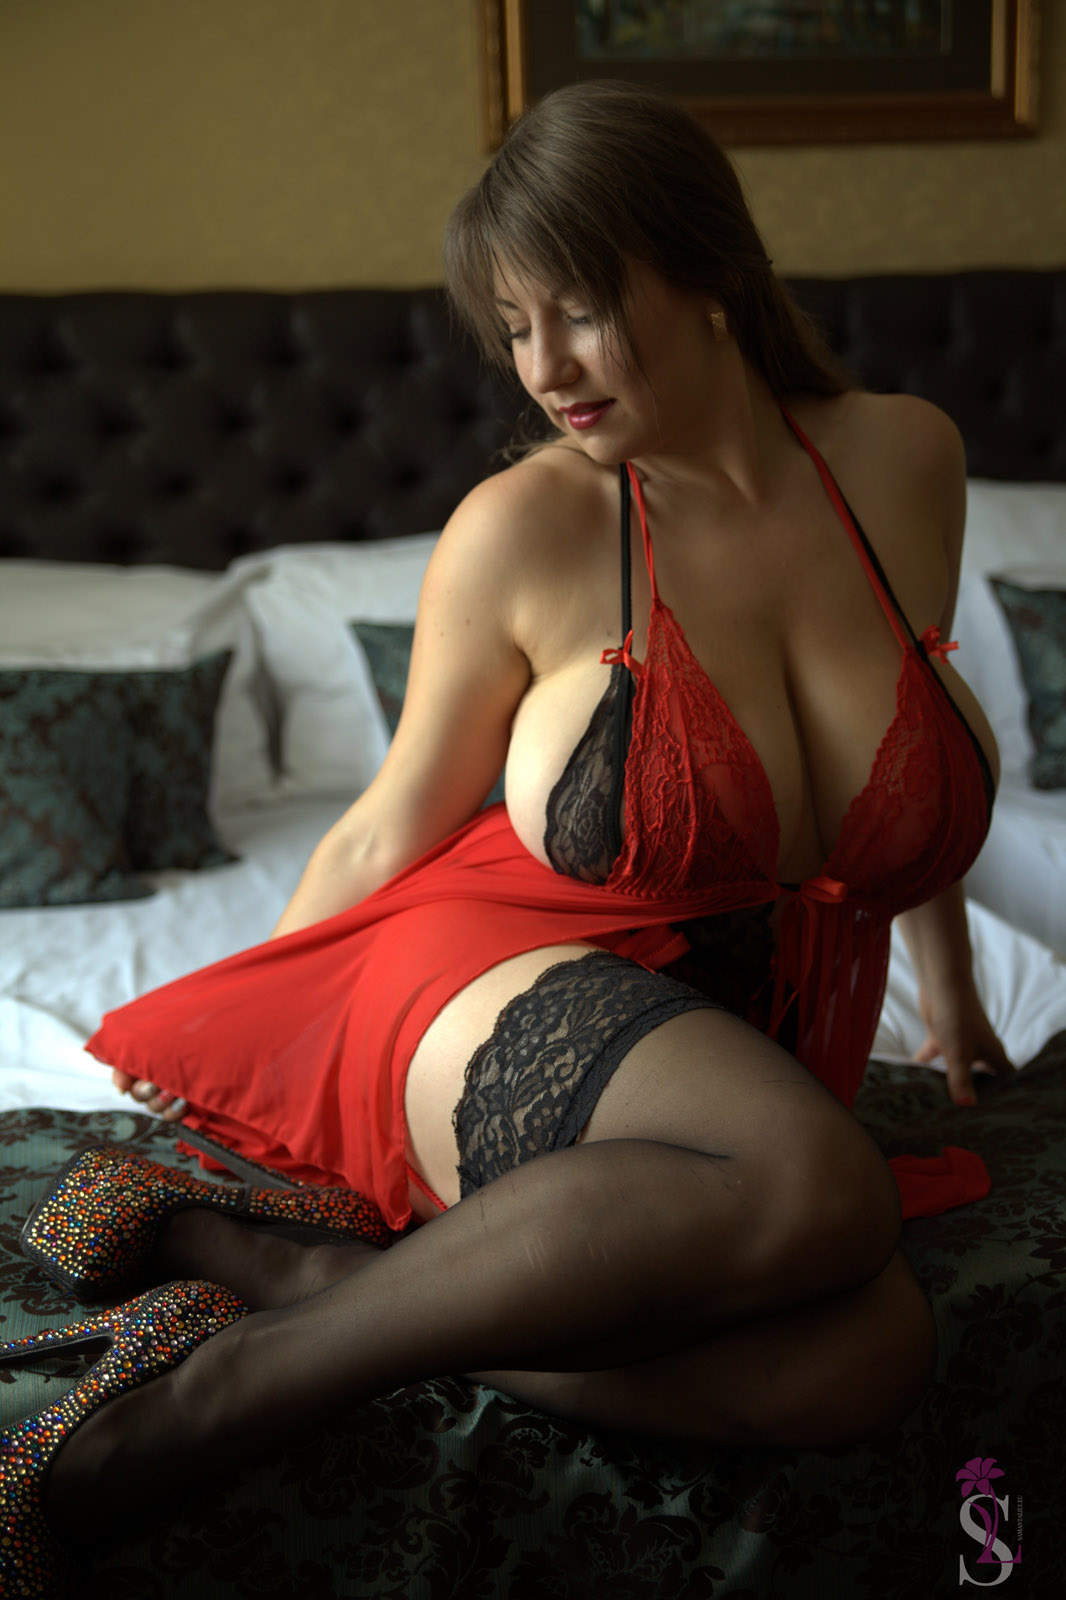 Full naked hot babes fucking